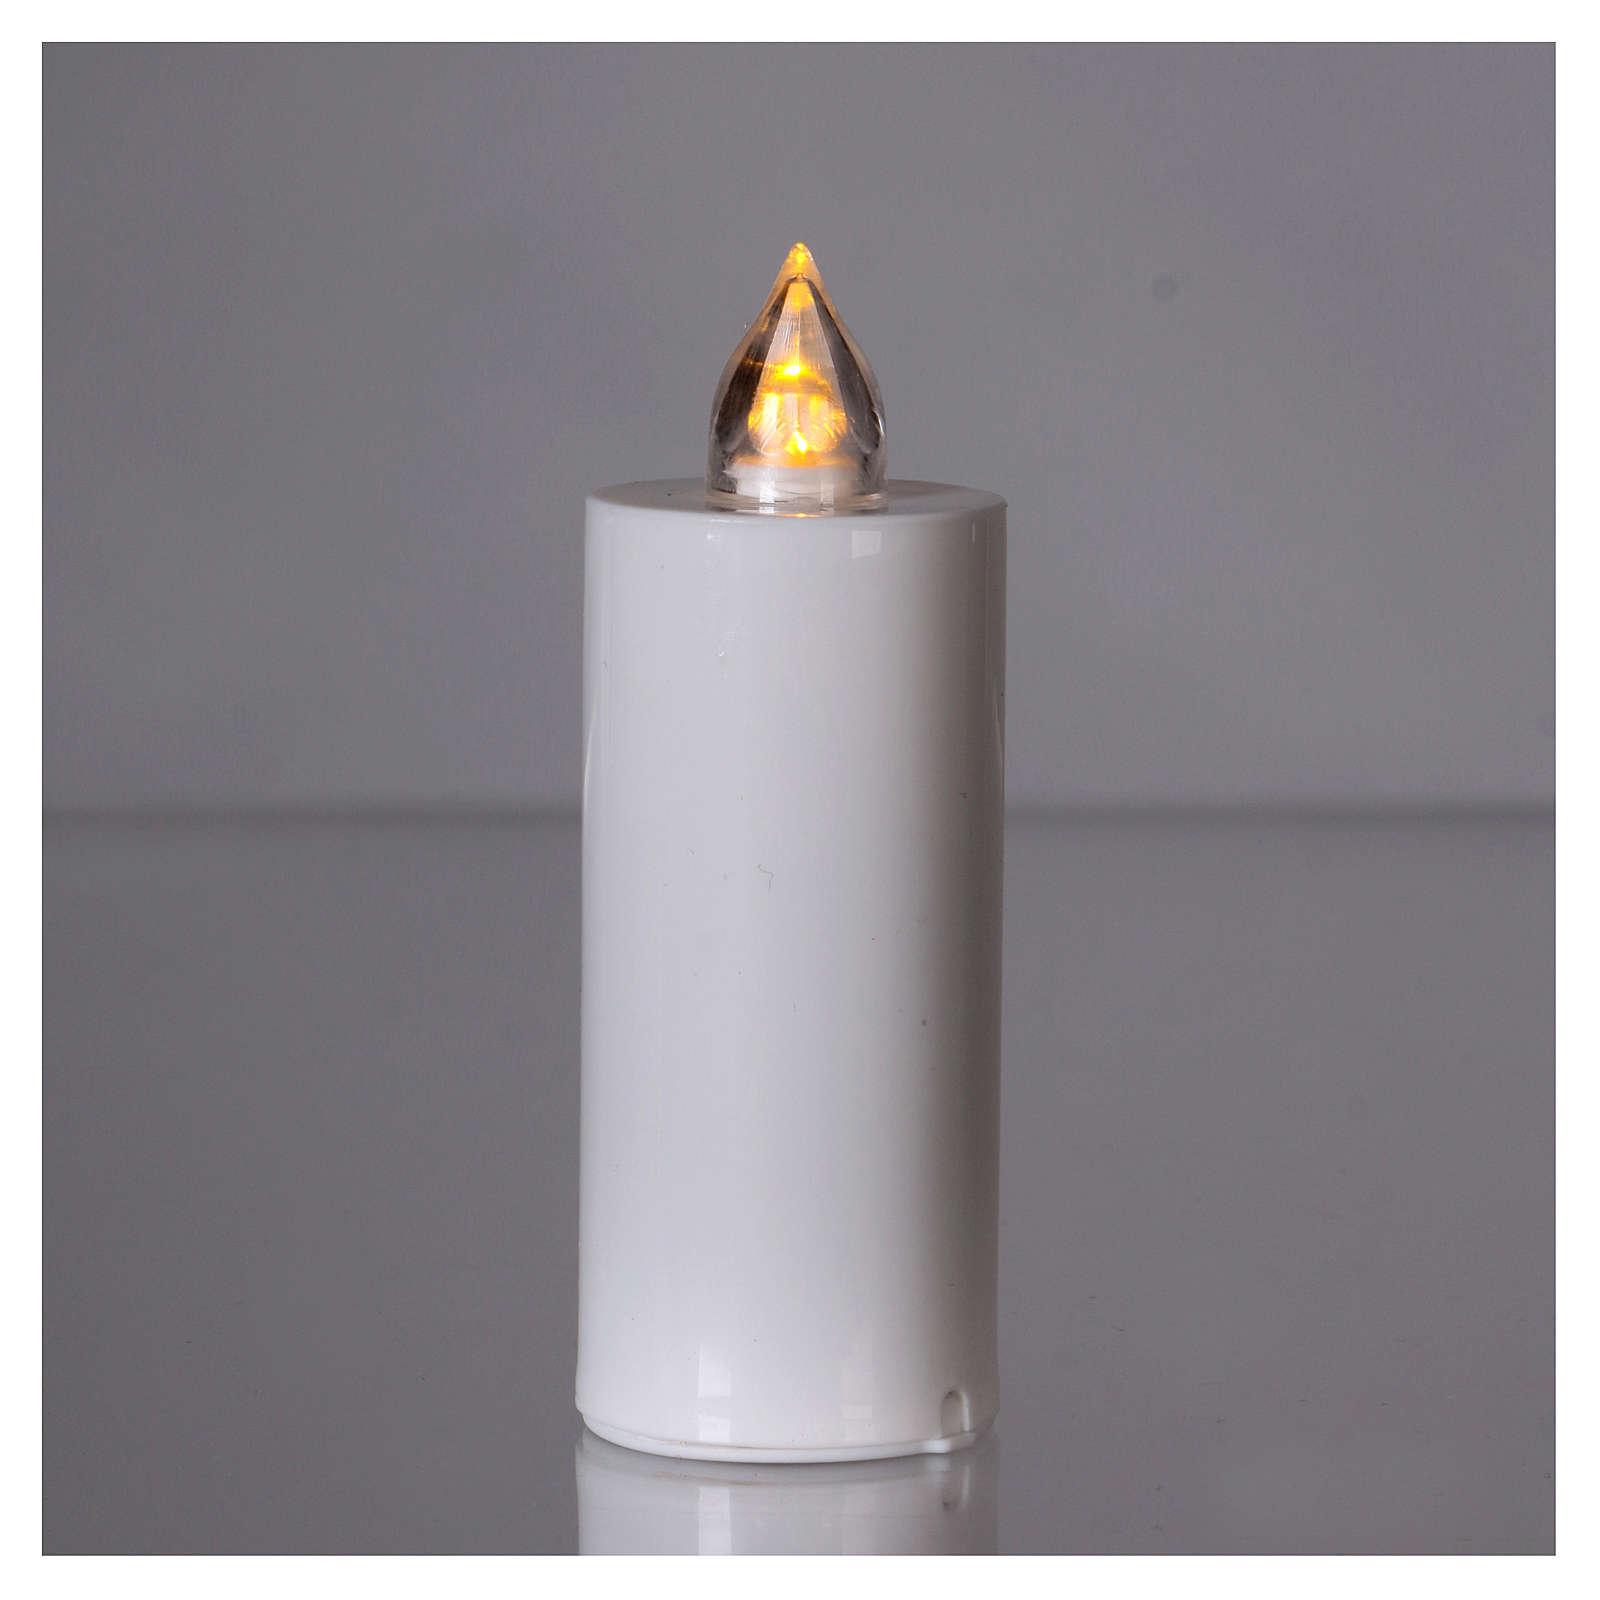 Vela Lumada blanca con luz amarilla llama real 3